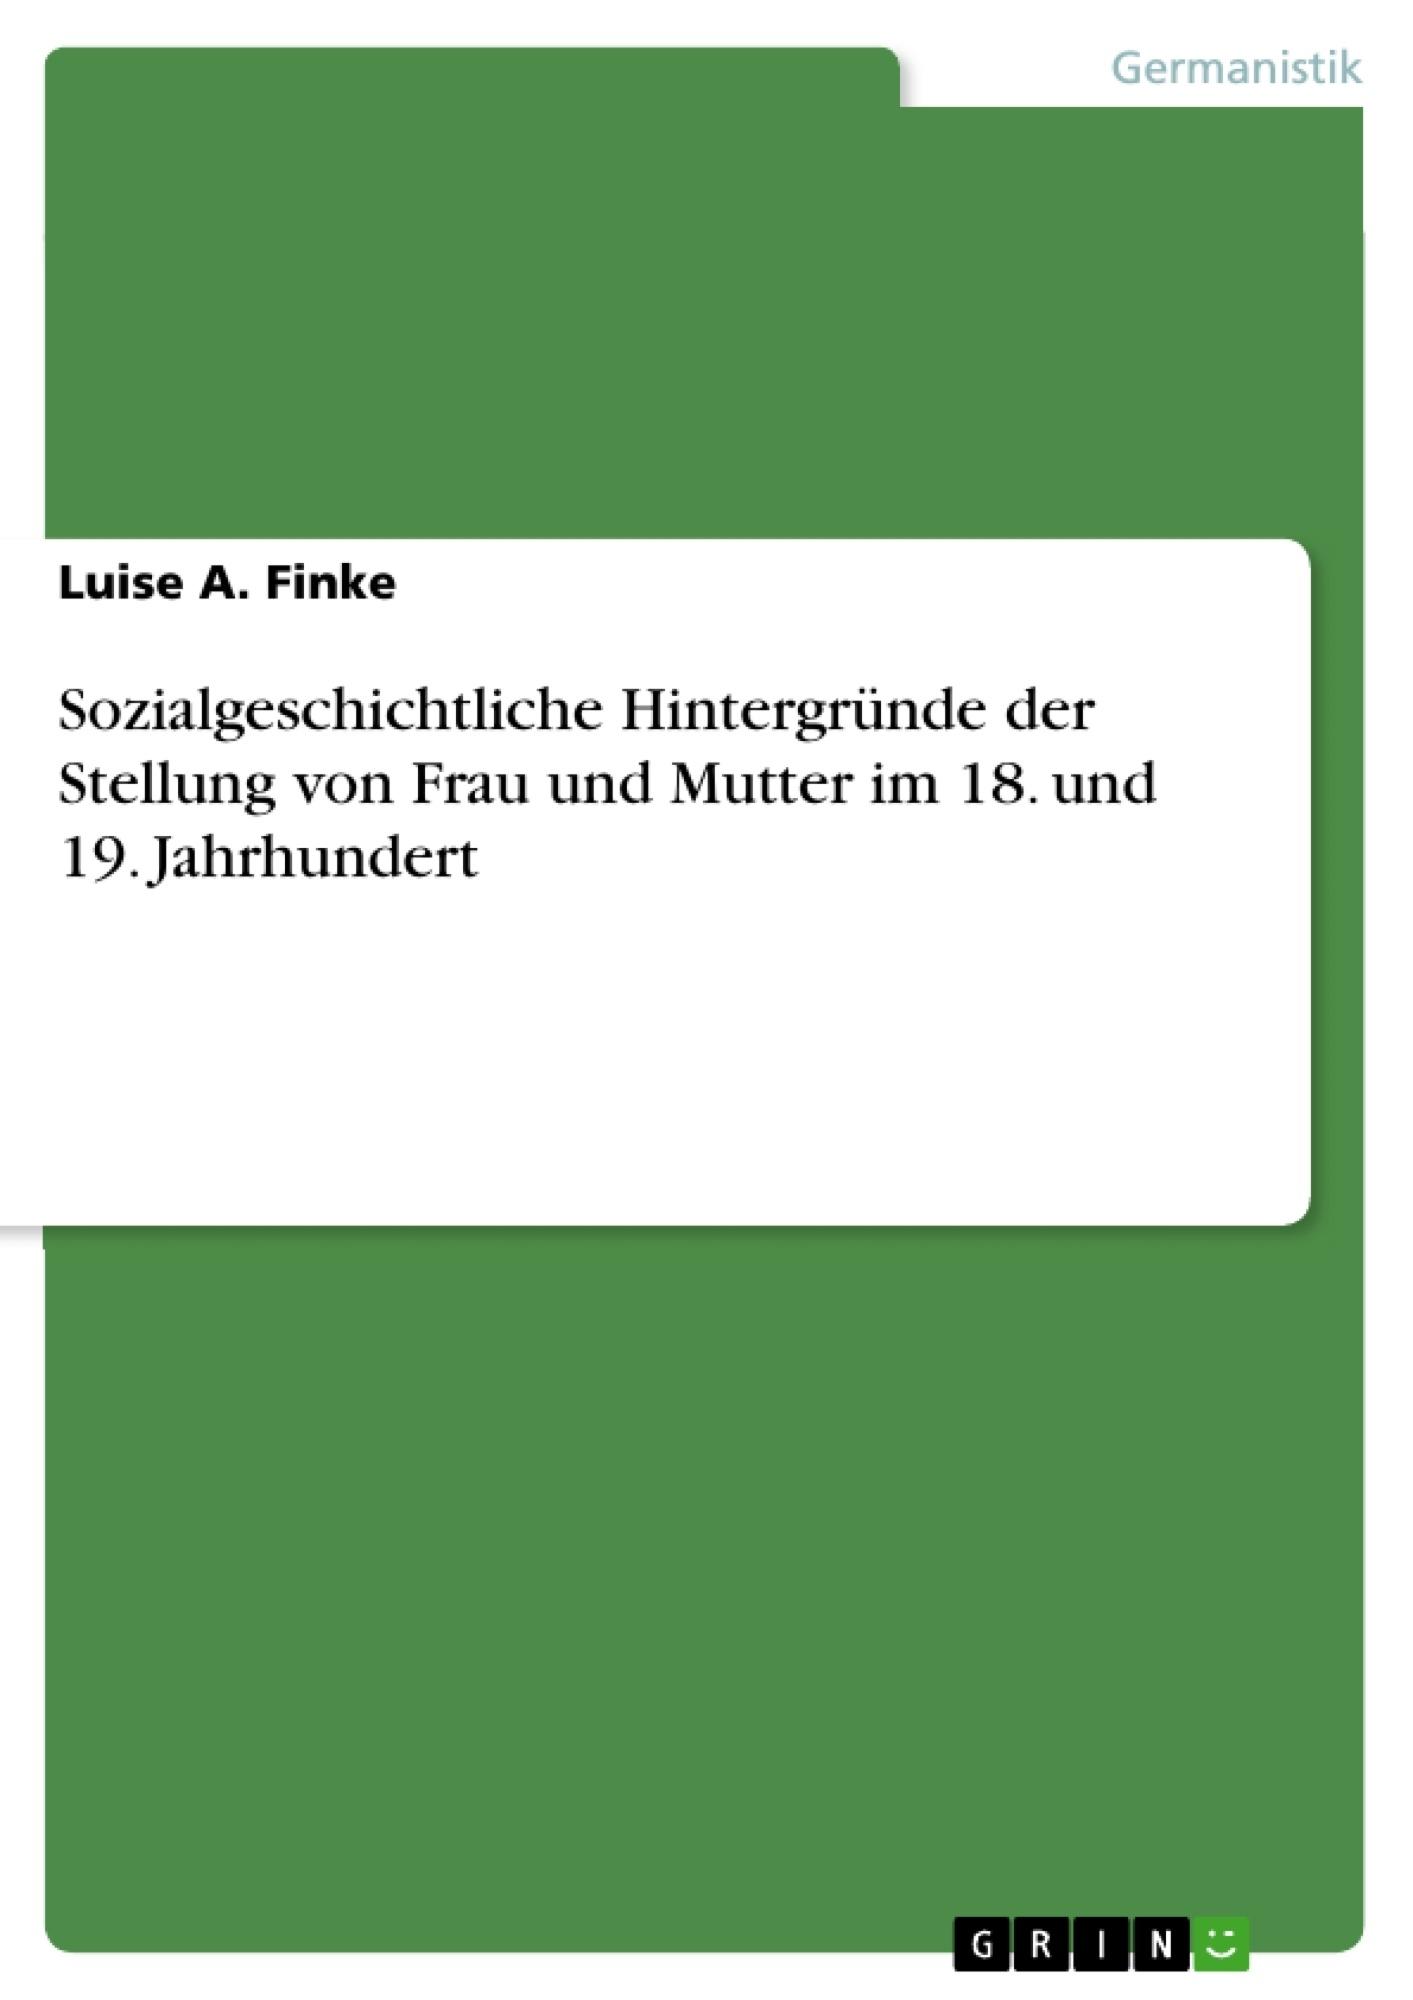 Titel: Sozialgeschichtliche Hintergründe der Stellung von Frau und Mutter im 18. und 19. Jahrhundert